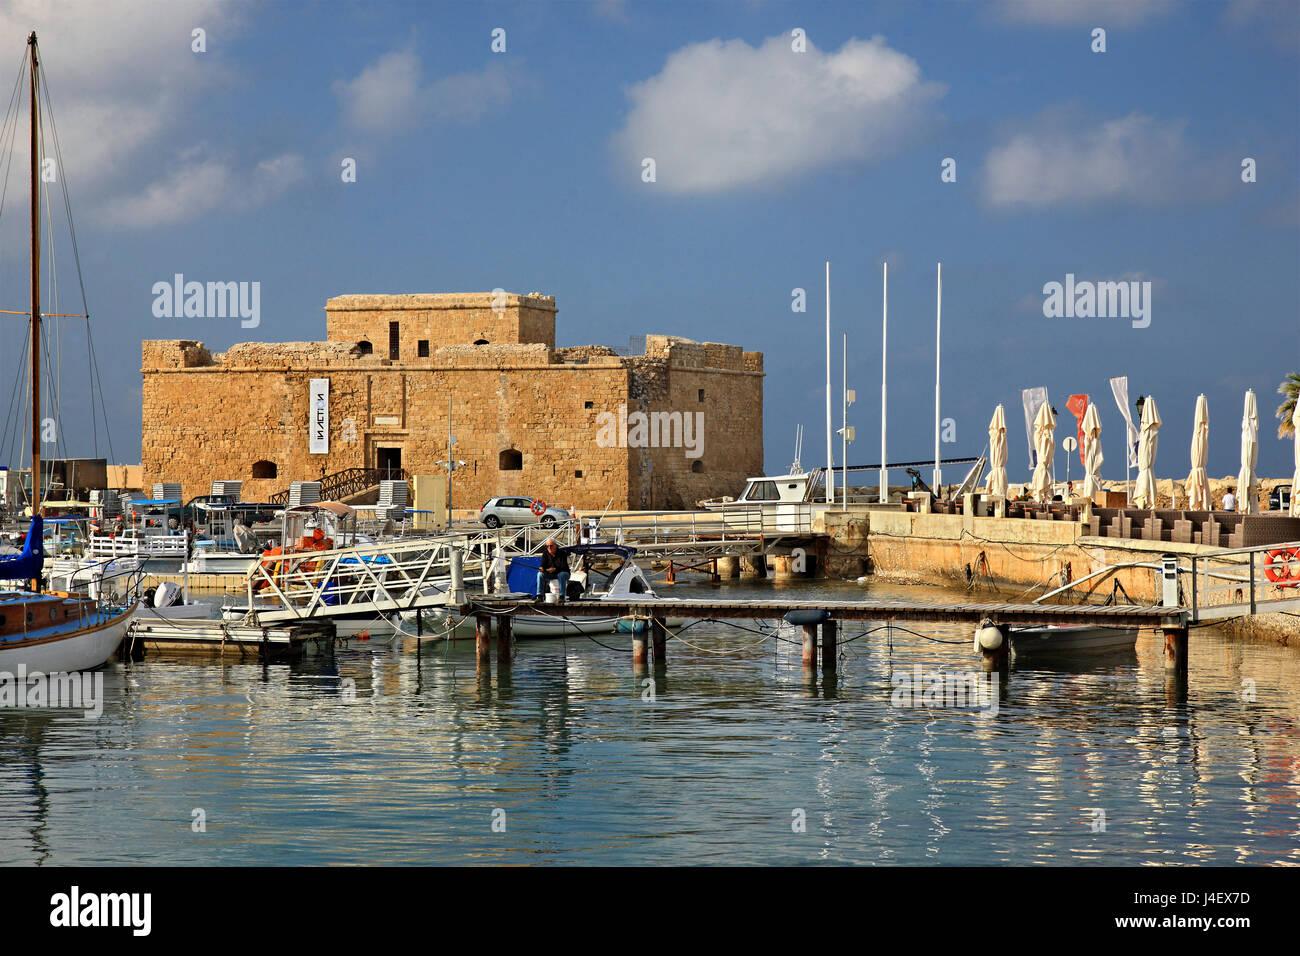 El castillo de Paphos, Chipre.Paphos es una de las 2 capitales europeas de Cullture para 2017. Imagen De Stock